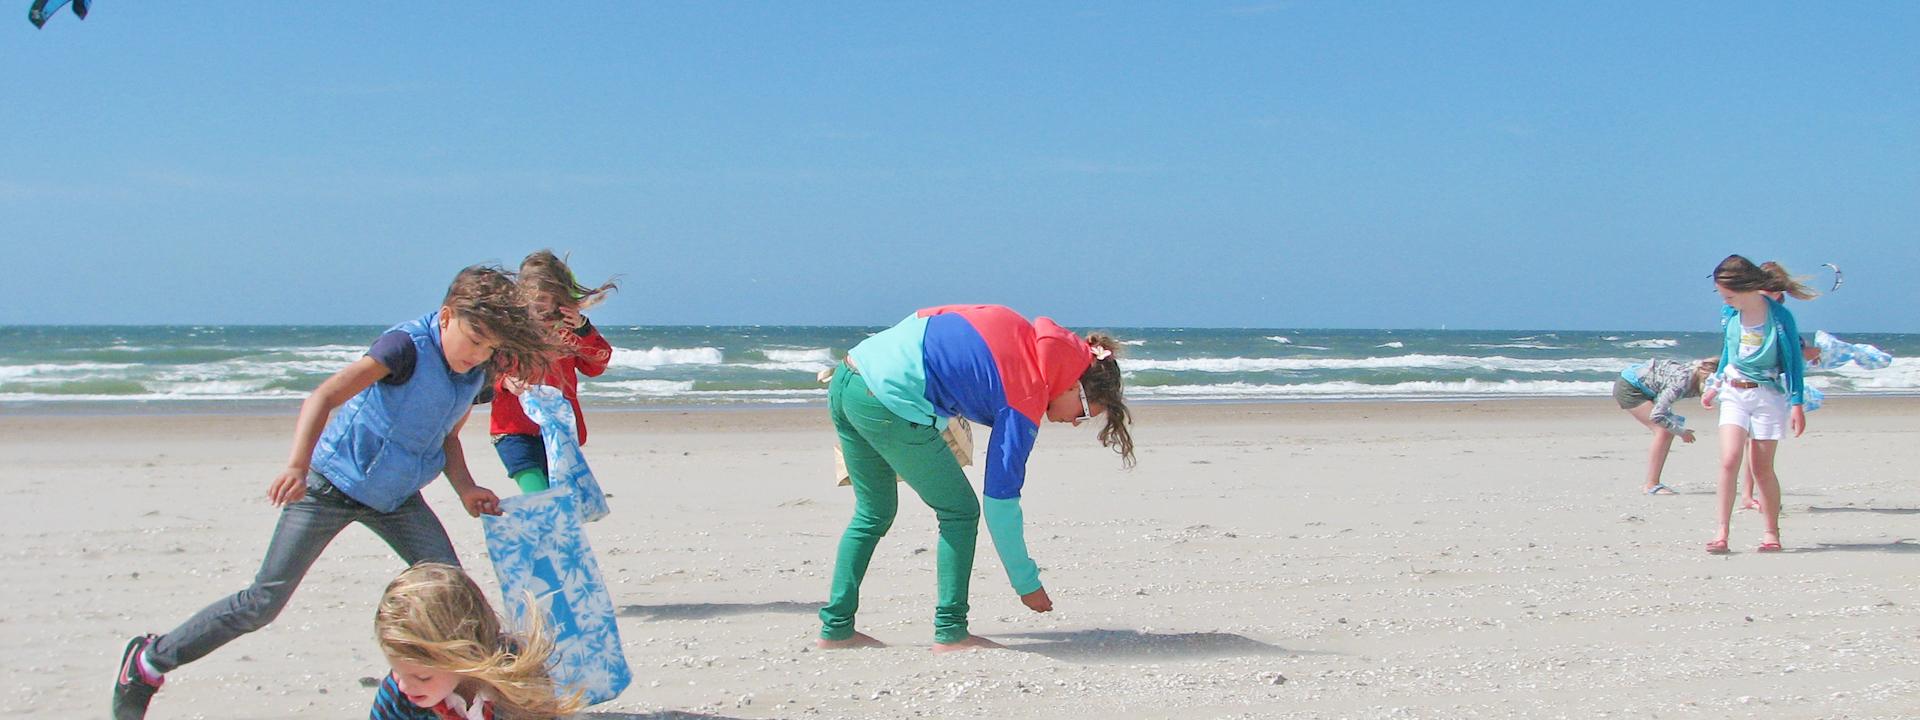 activiteiten ontspan strandjutten